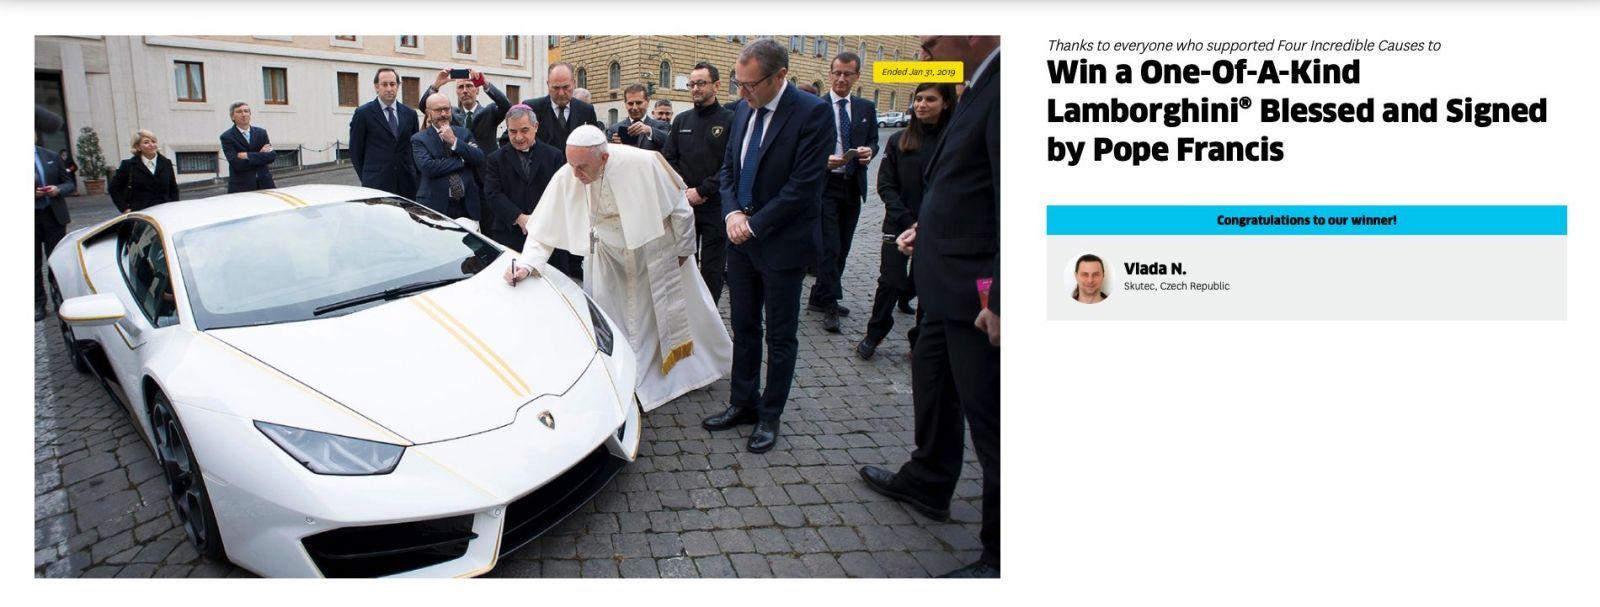 Vyzpovídali jsme nového majitele papežova Lamborghini: Věřící nejsem, že mi lidi budou závidět, je mi jedno